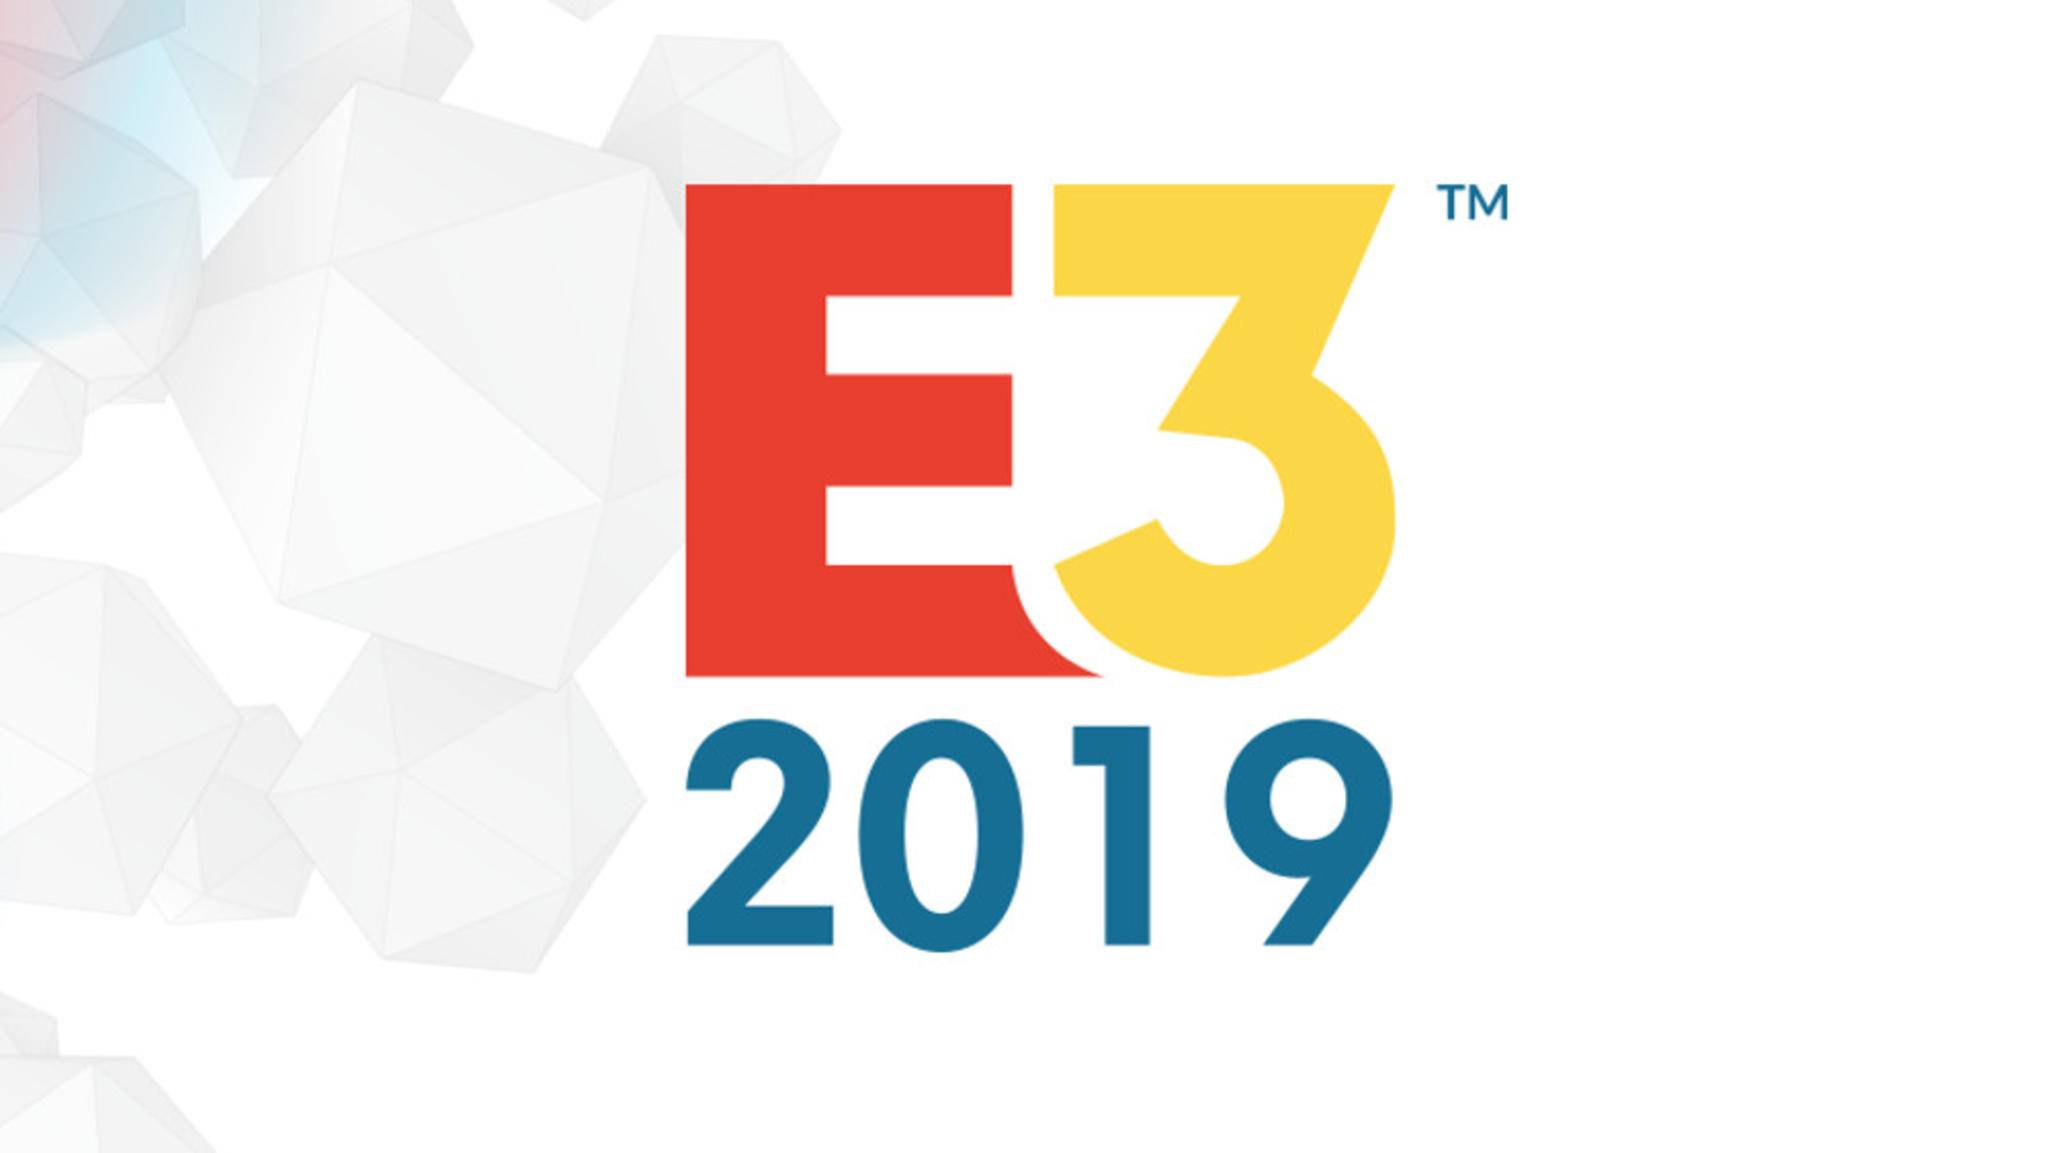 Die E3 2019 verspricht wieder viele spannende Gaming-Neuheiten.